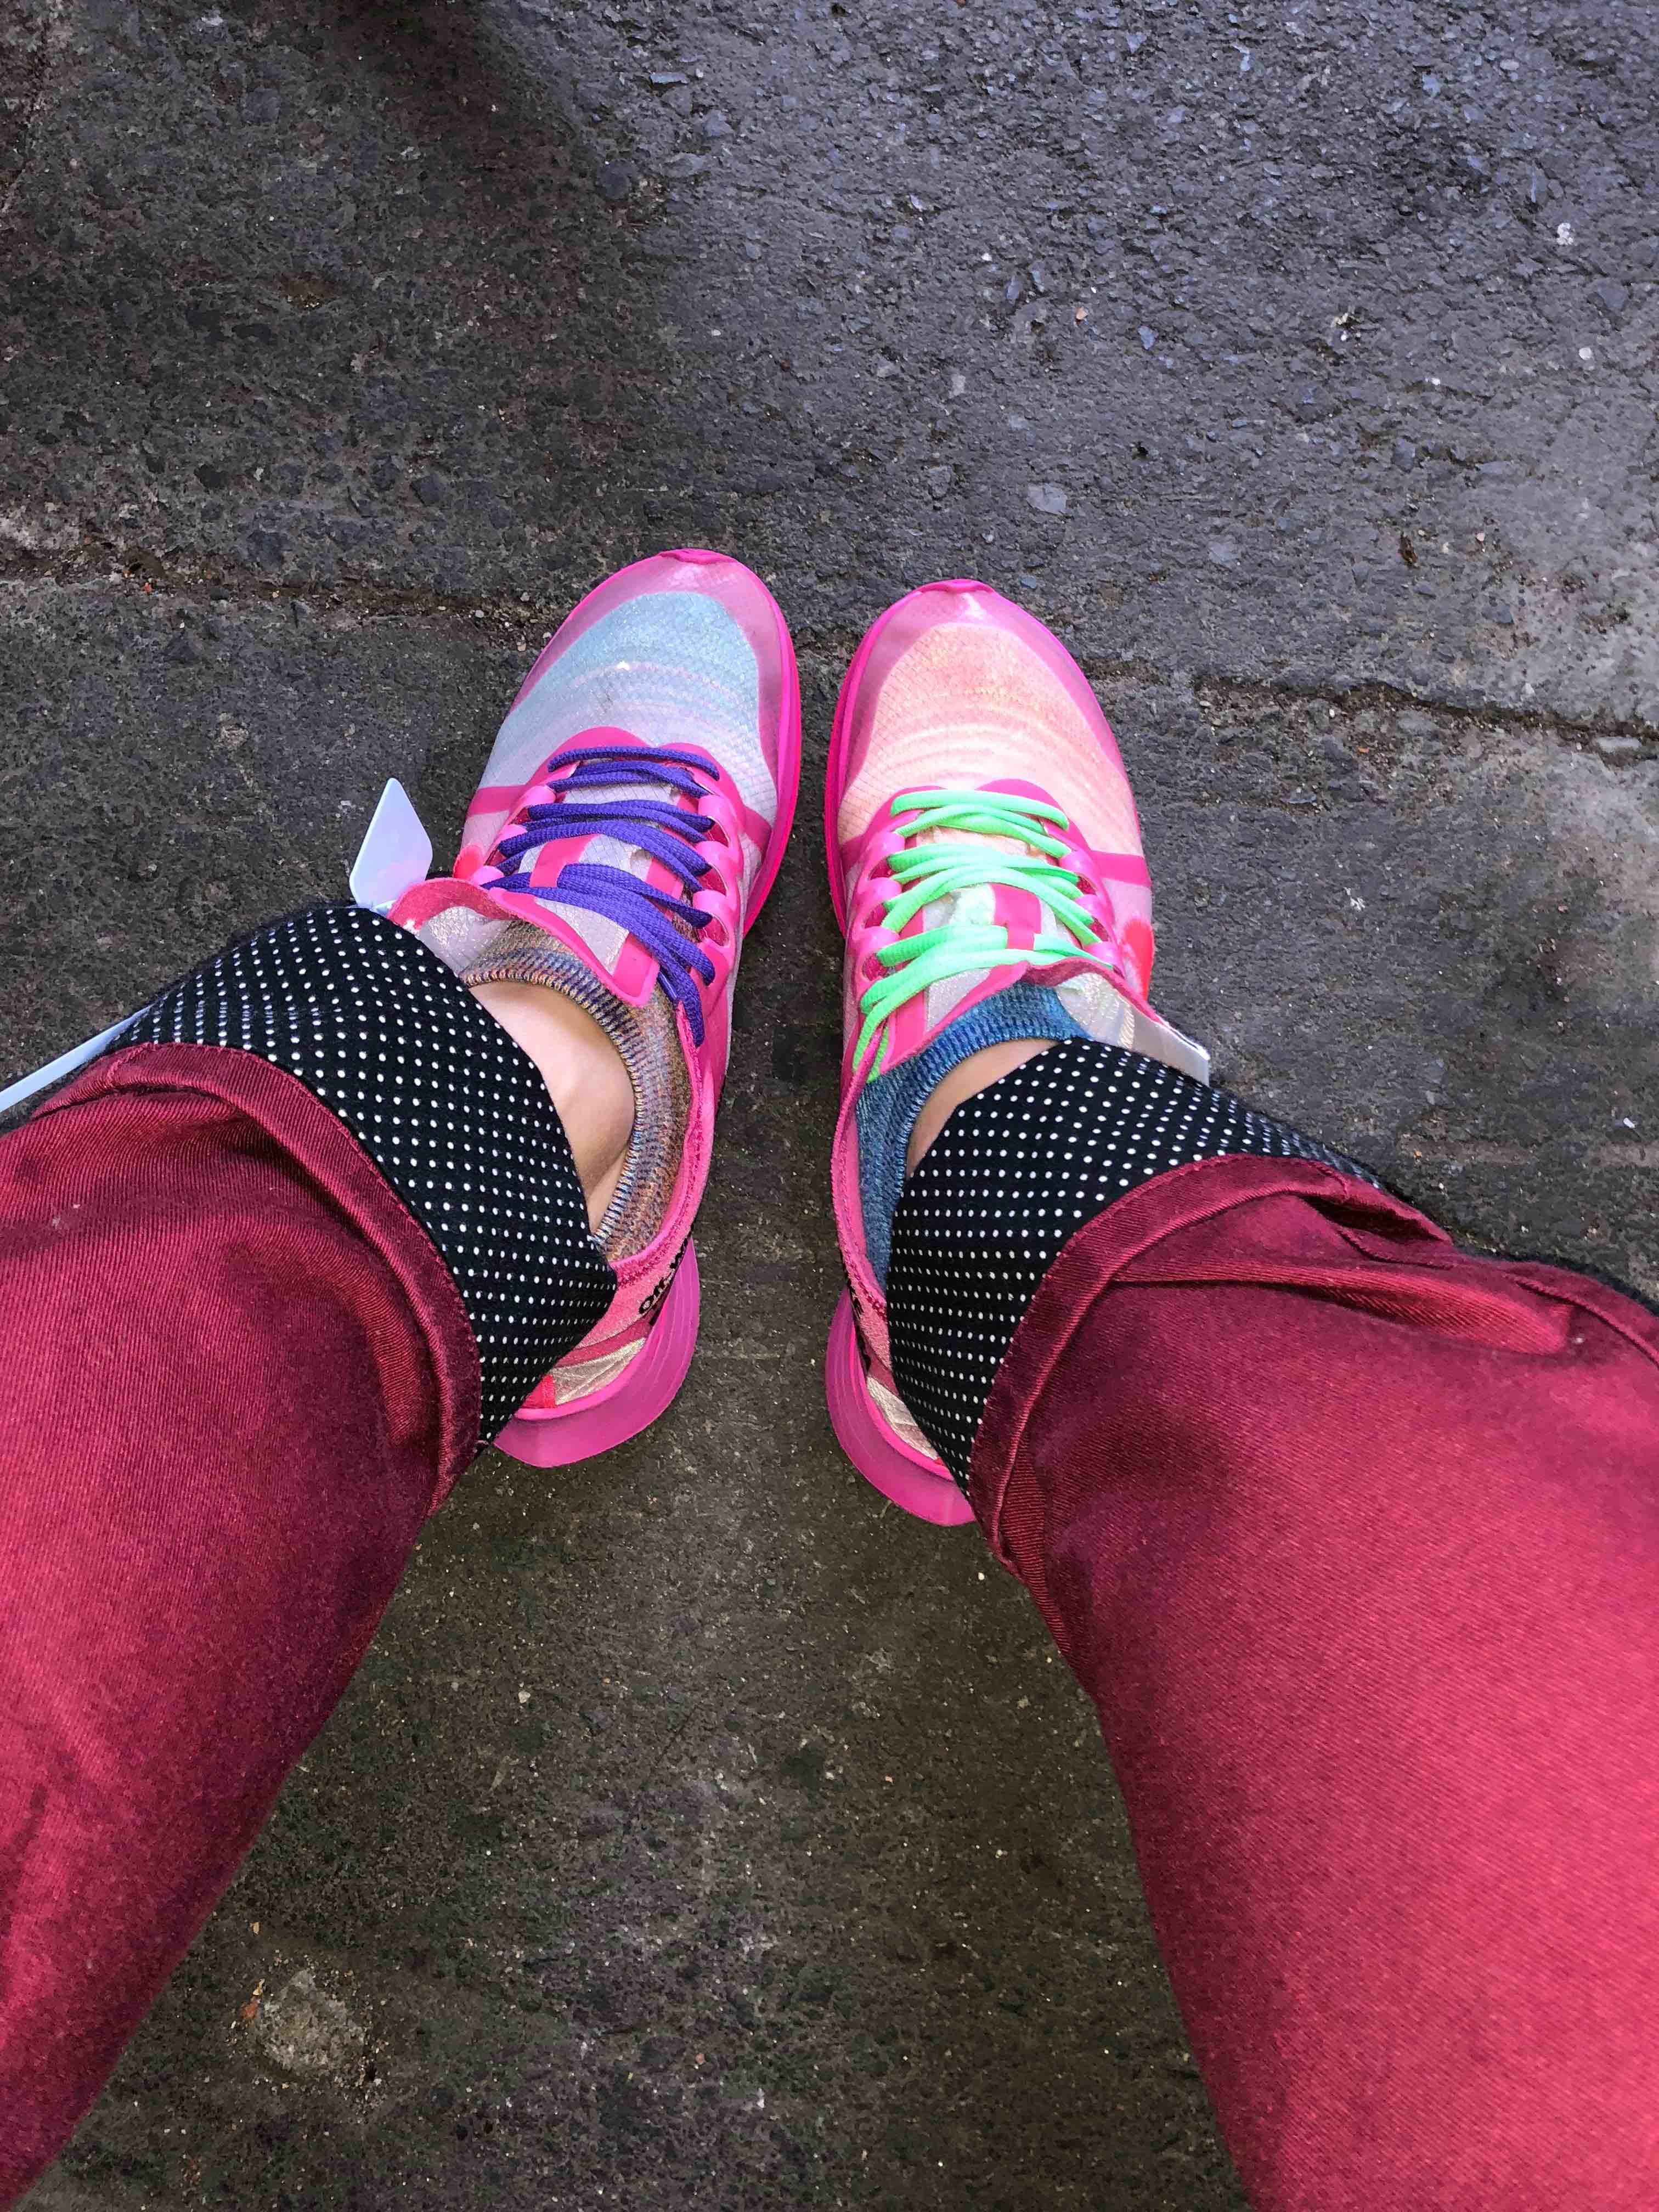 ズーム初履き 流石に合わす色迷ったけど、目立ちすぎずシックリきたかな